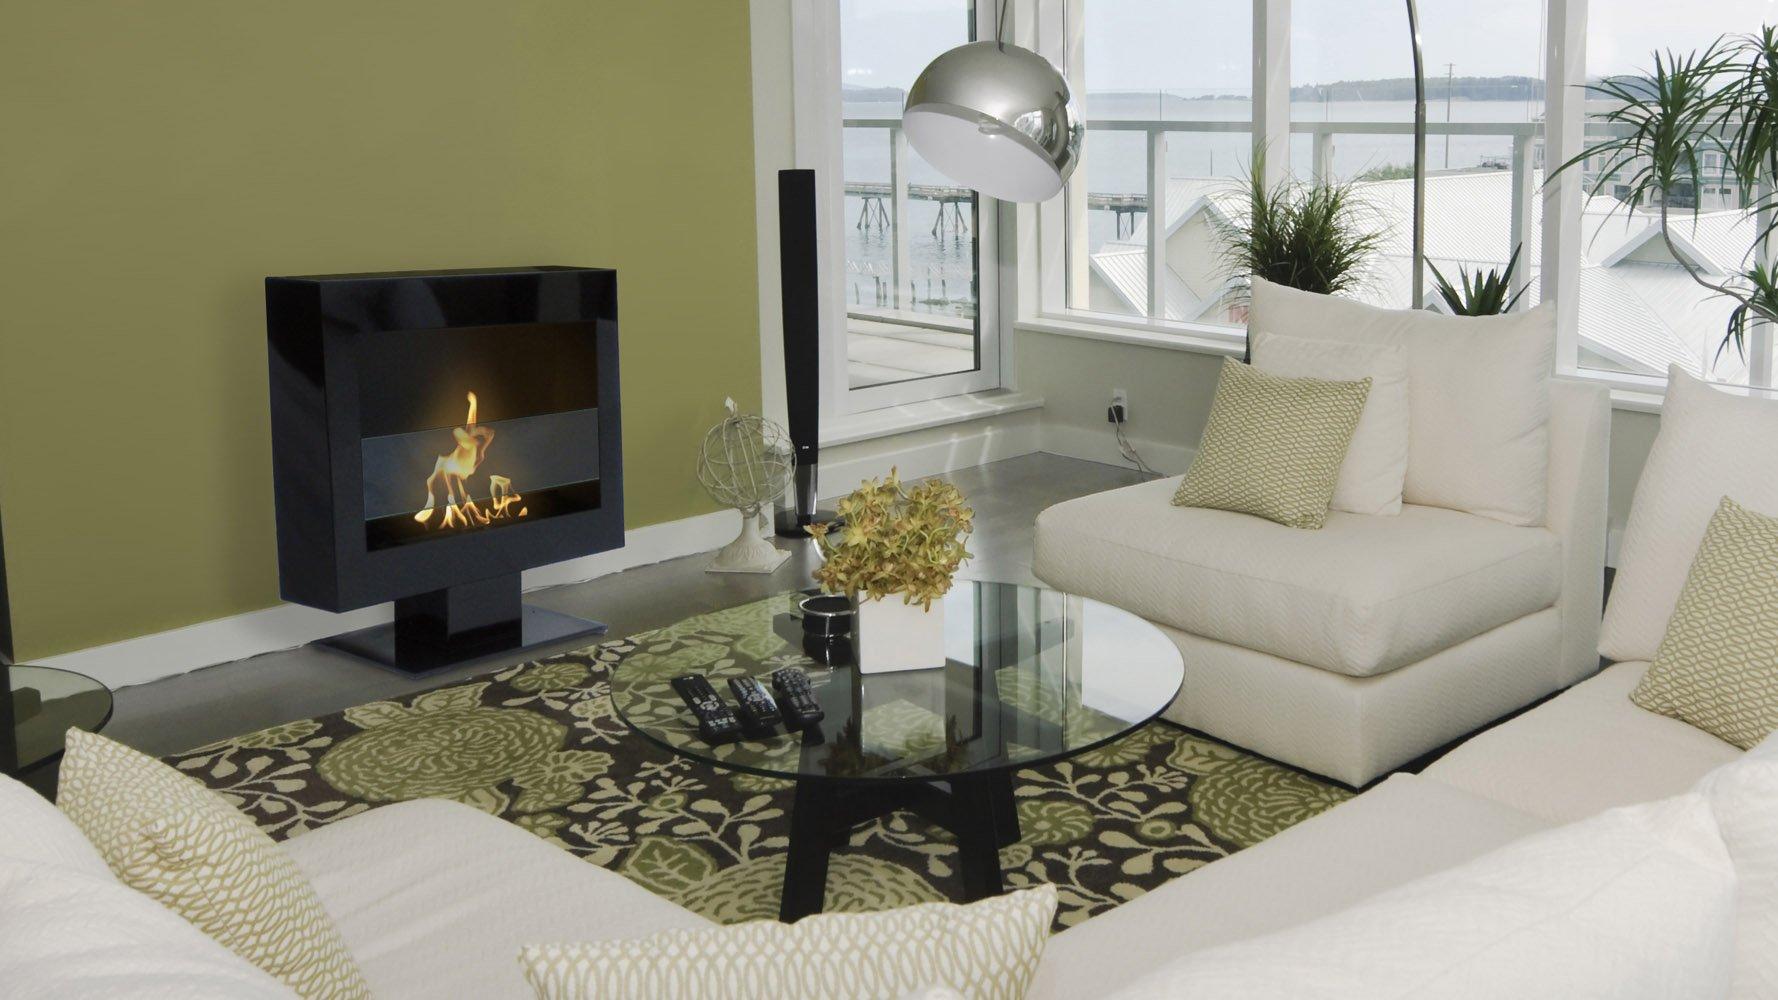 Tribeca fireplace zuri furniture for Tribeca homes furniture